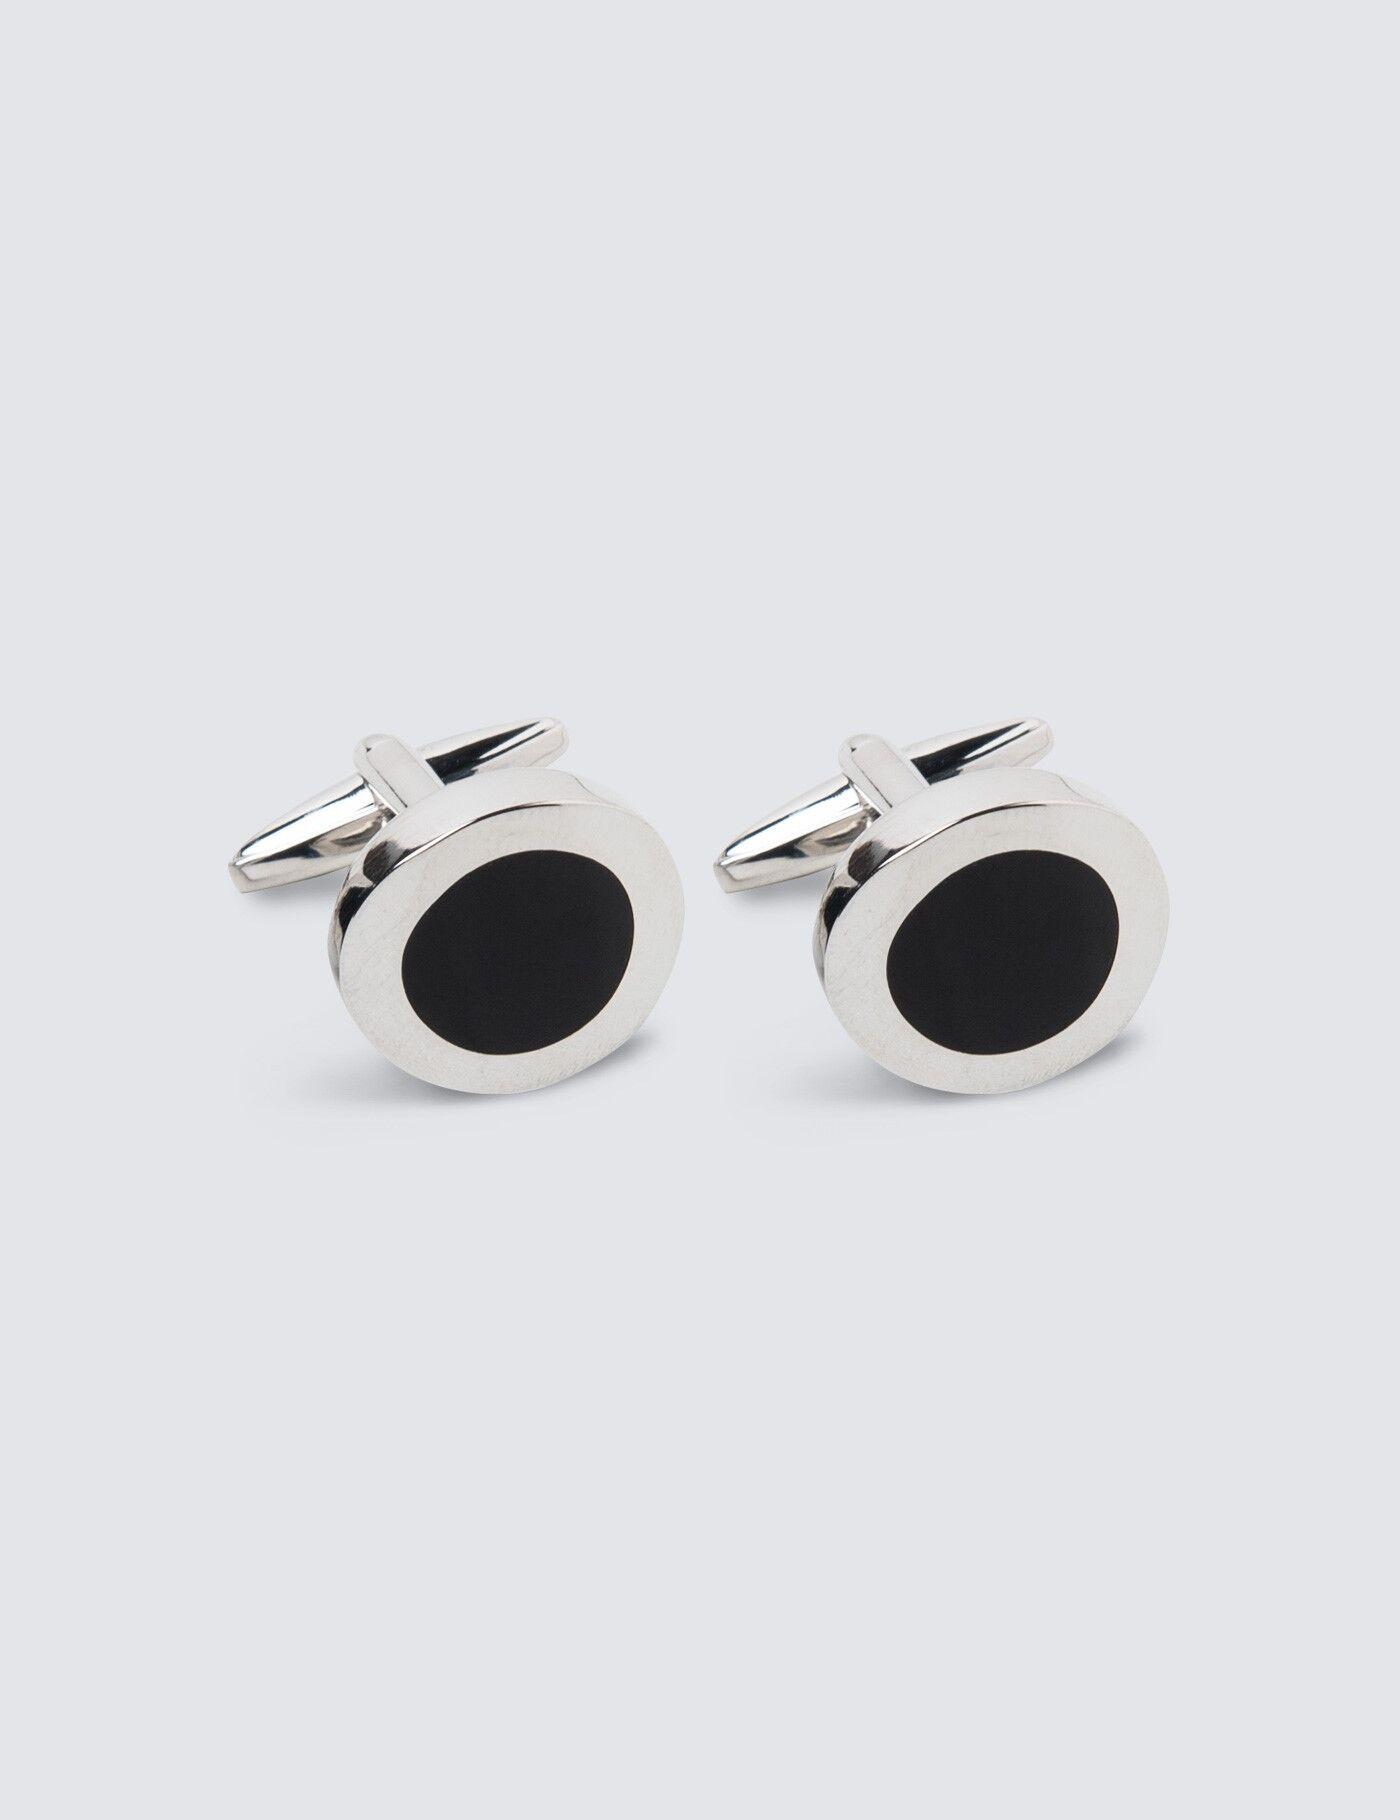 Hawes & Curtis Men's Round Cufflink in Black/Silver